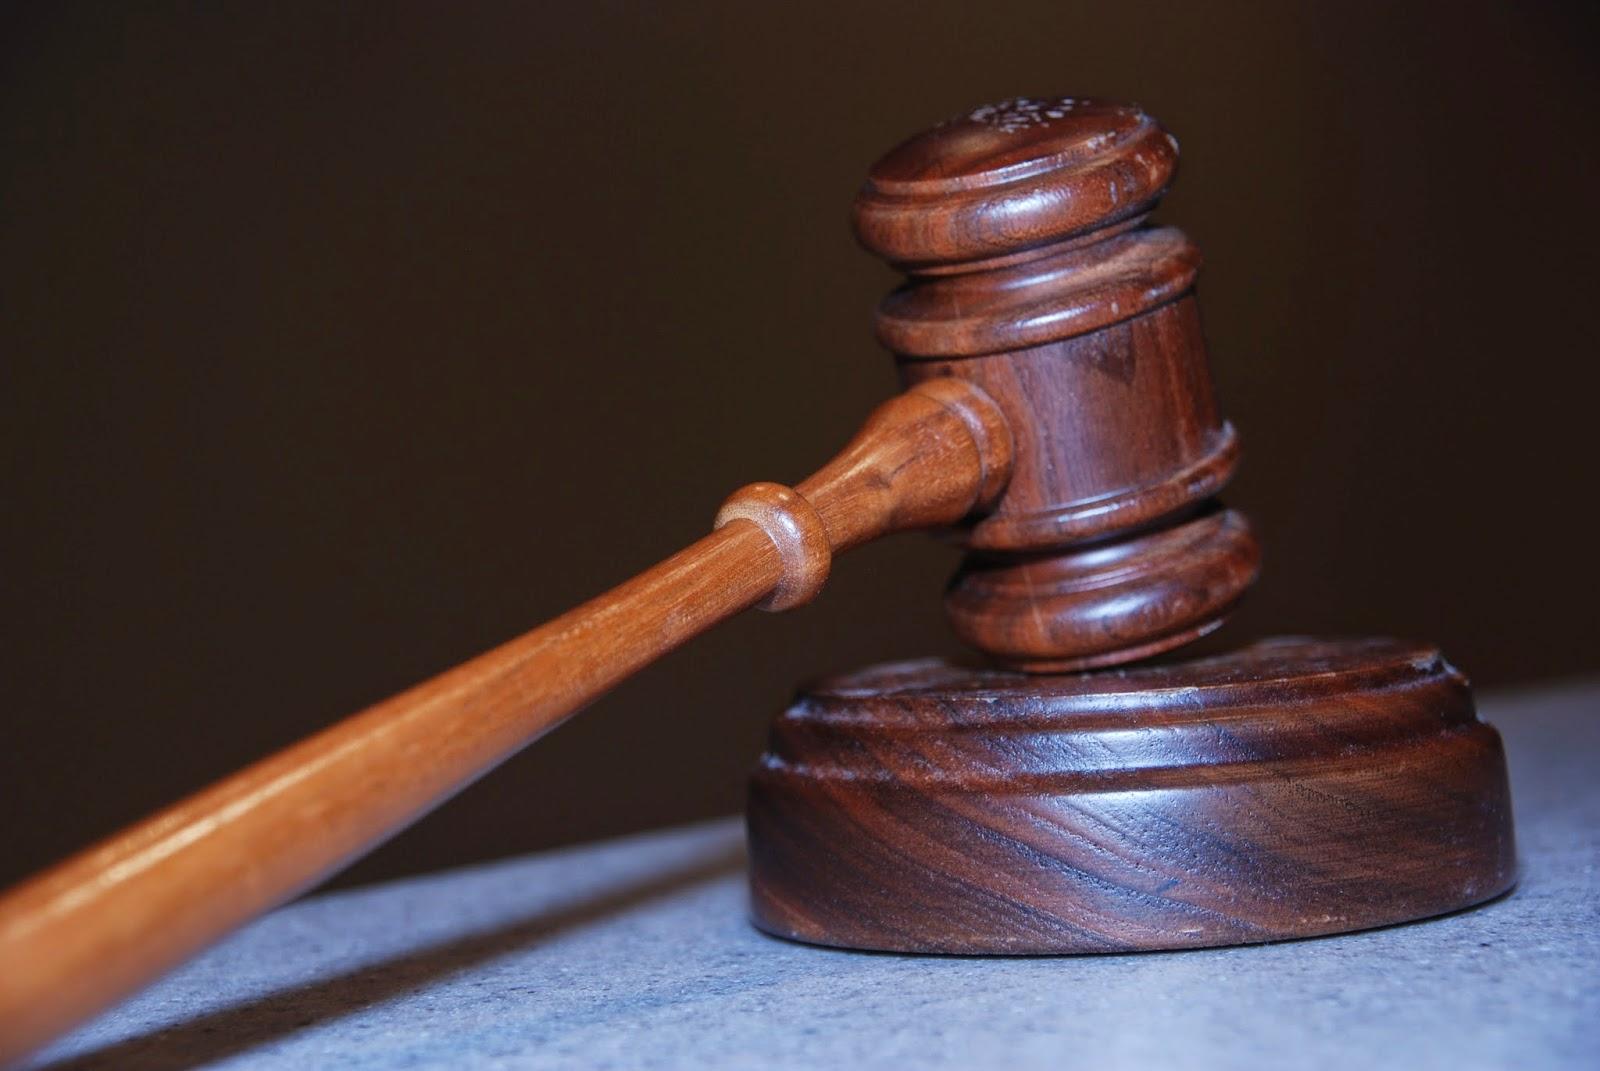 Requisitos legales que deben cumplir las webs o blogs